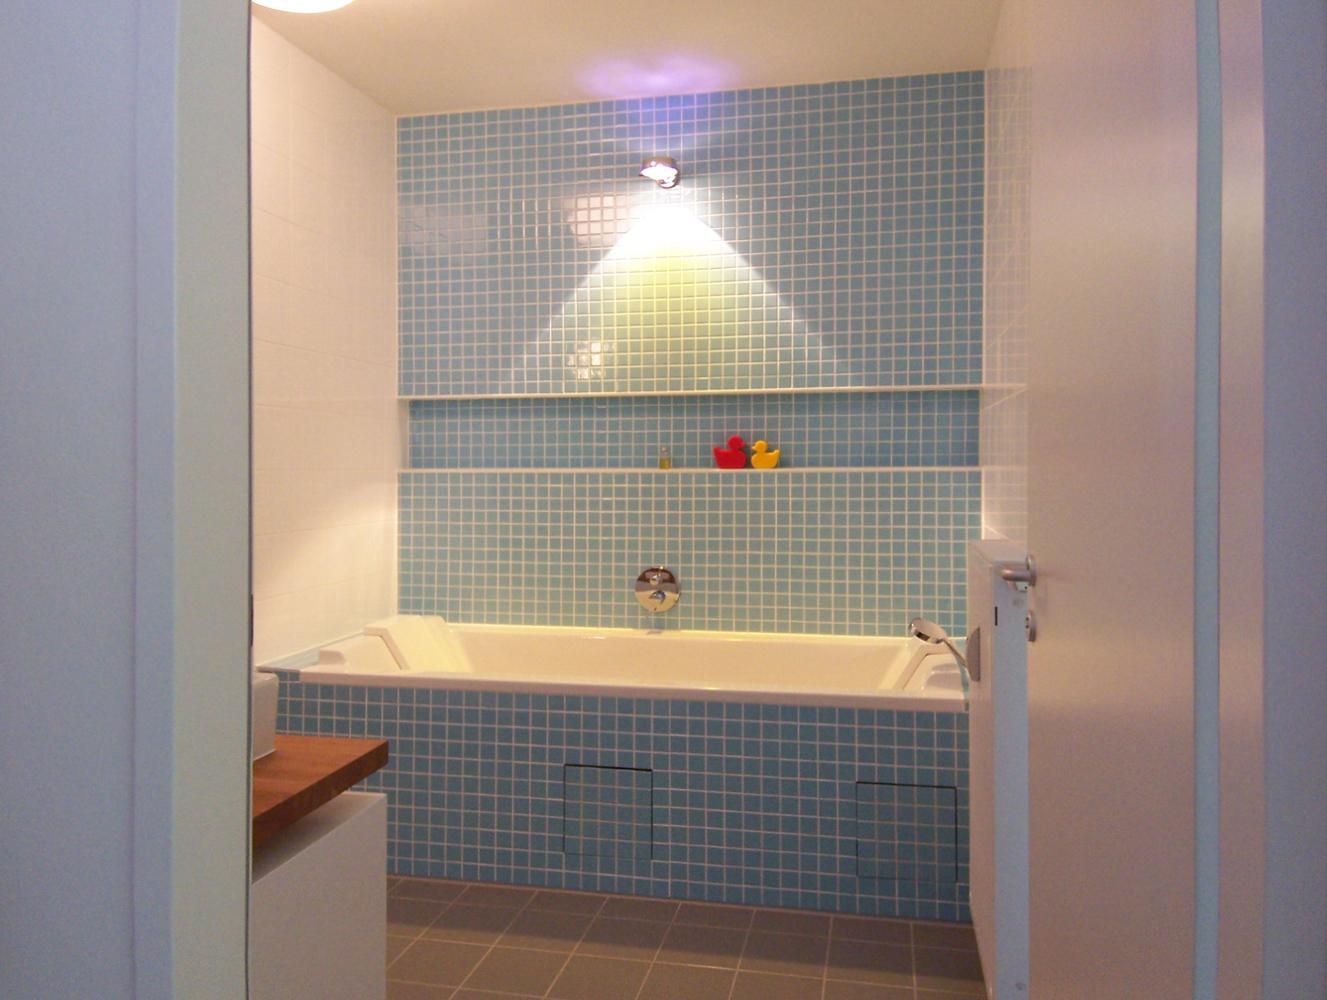 Bild des Bades mit integriertem Möbeldesign (Badewanne) von einem Einfamilienhaus das von Architekten geplant wurde